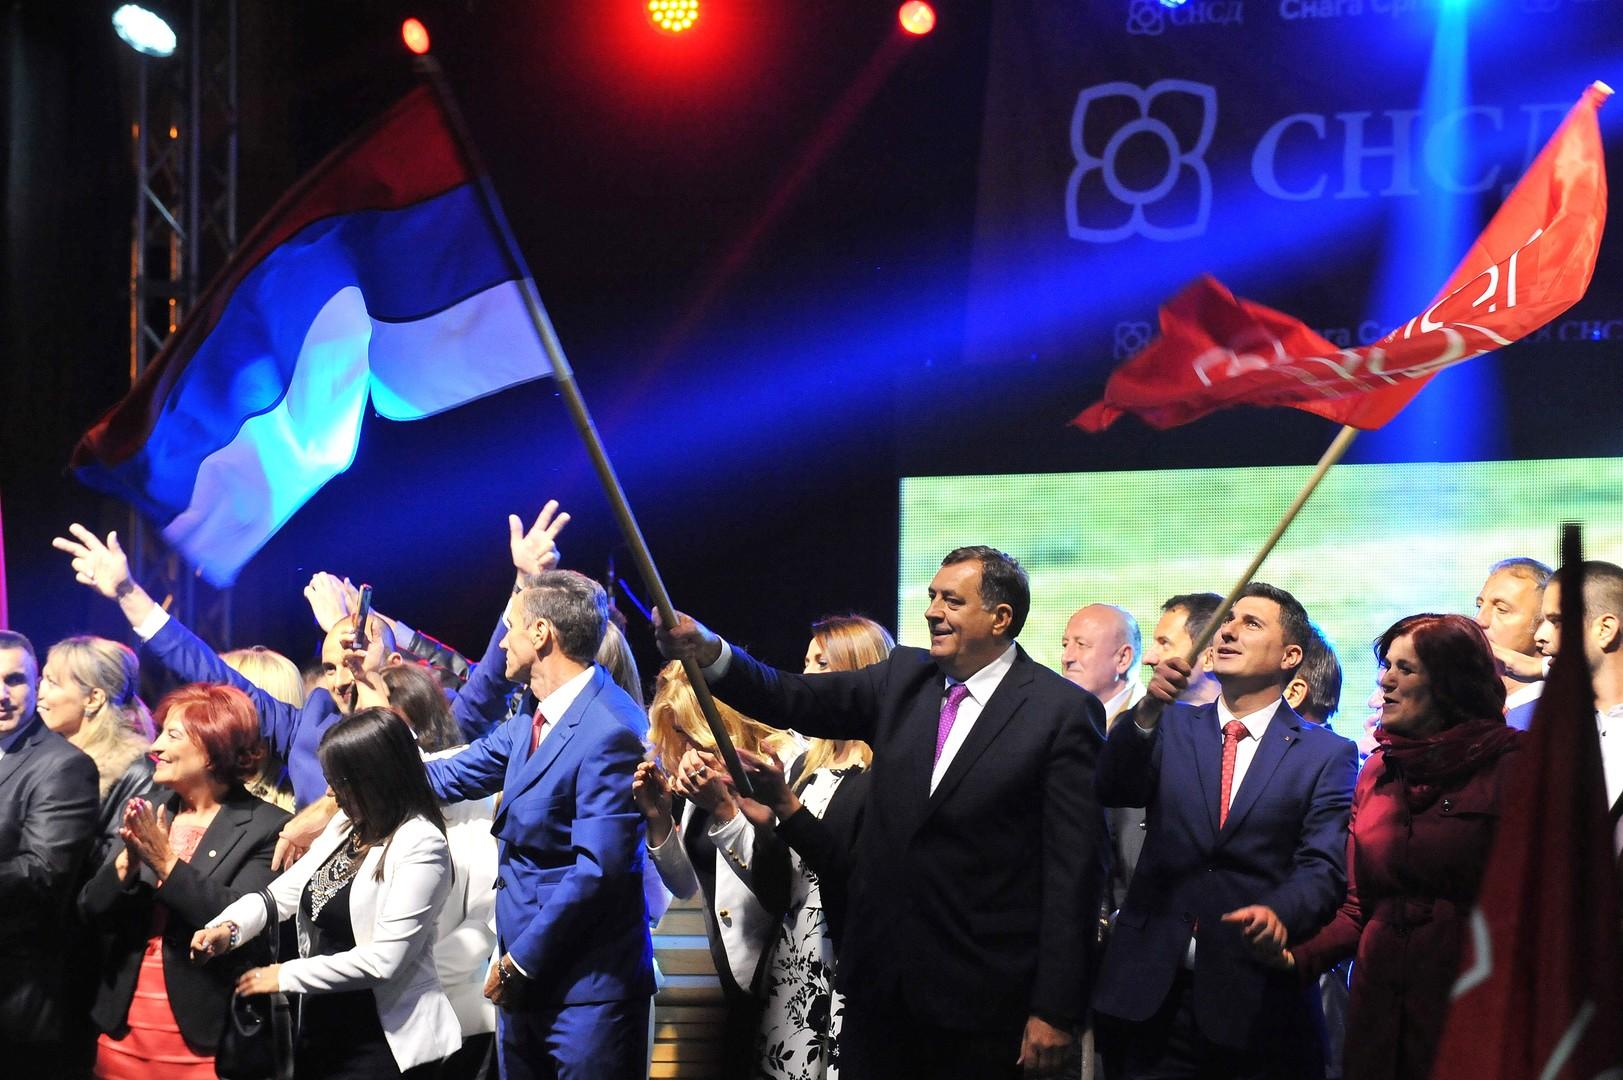 Вместе или врозь: какие последствия может иметь референдум в Республике Сербской